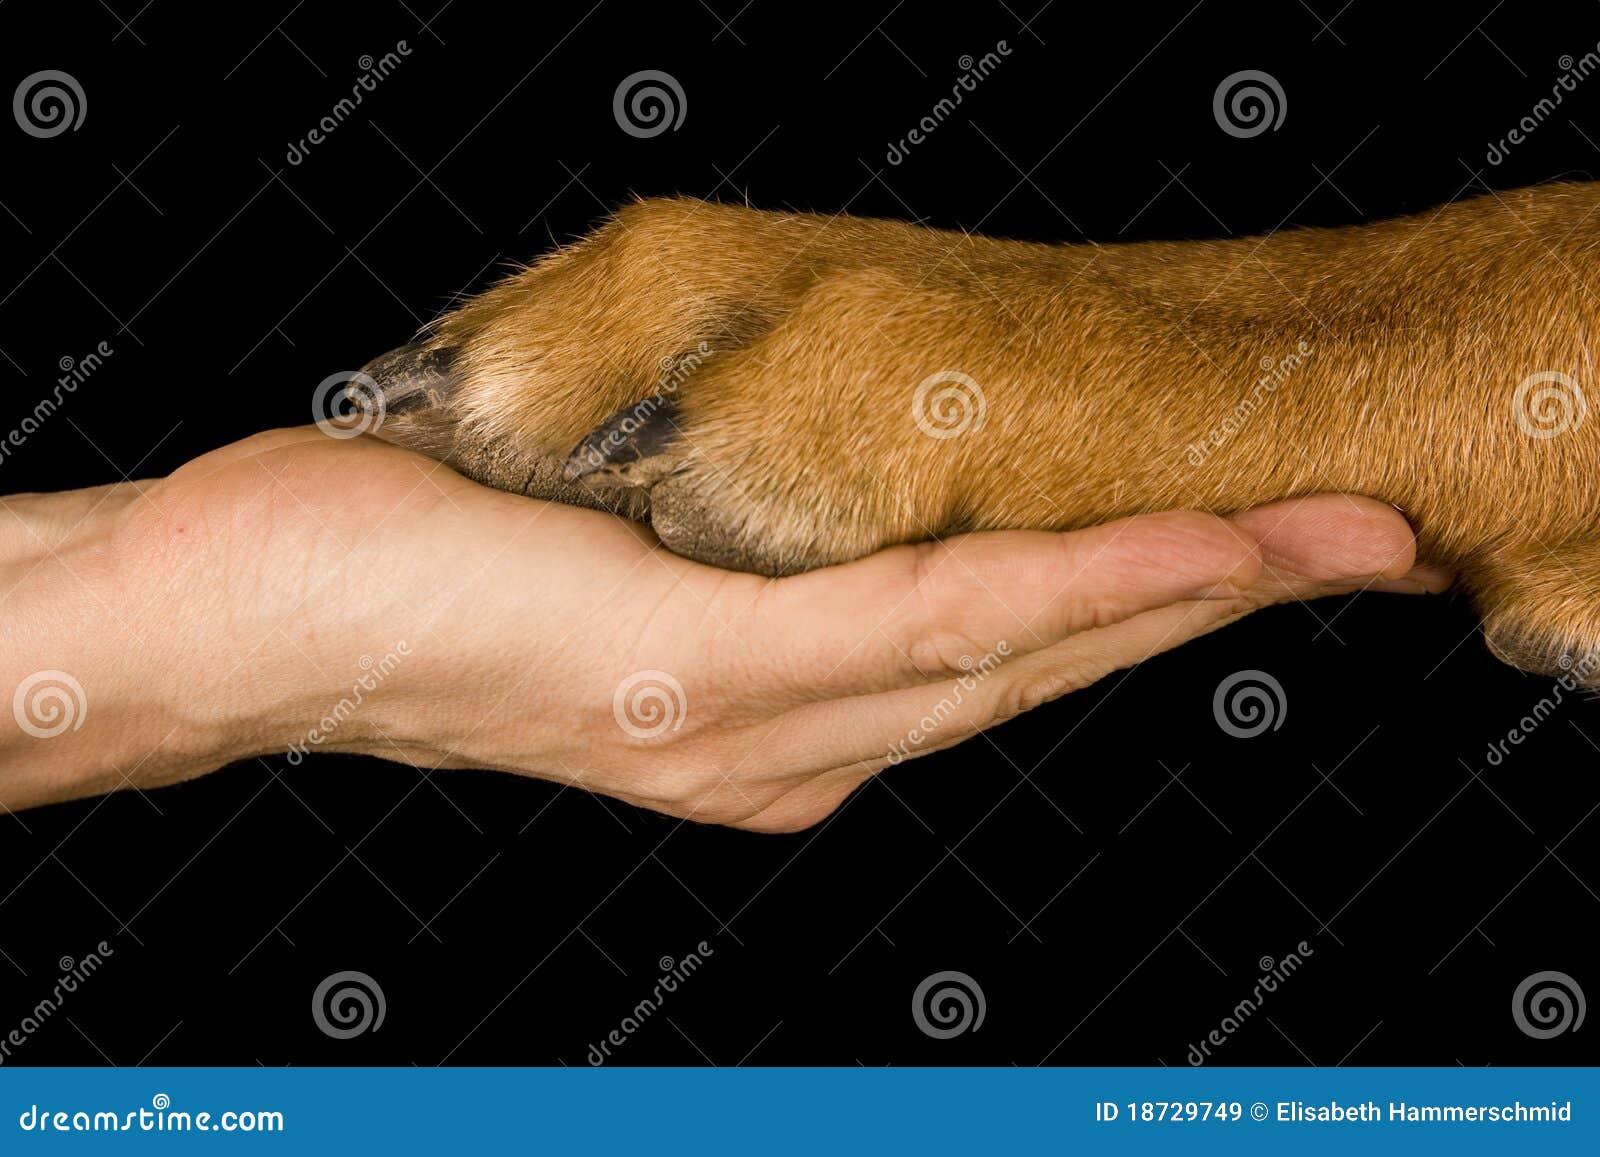 Freundschaft-Mensch gegen Hund